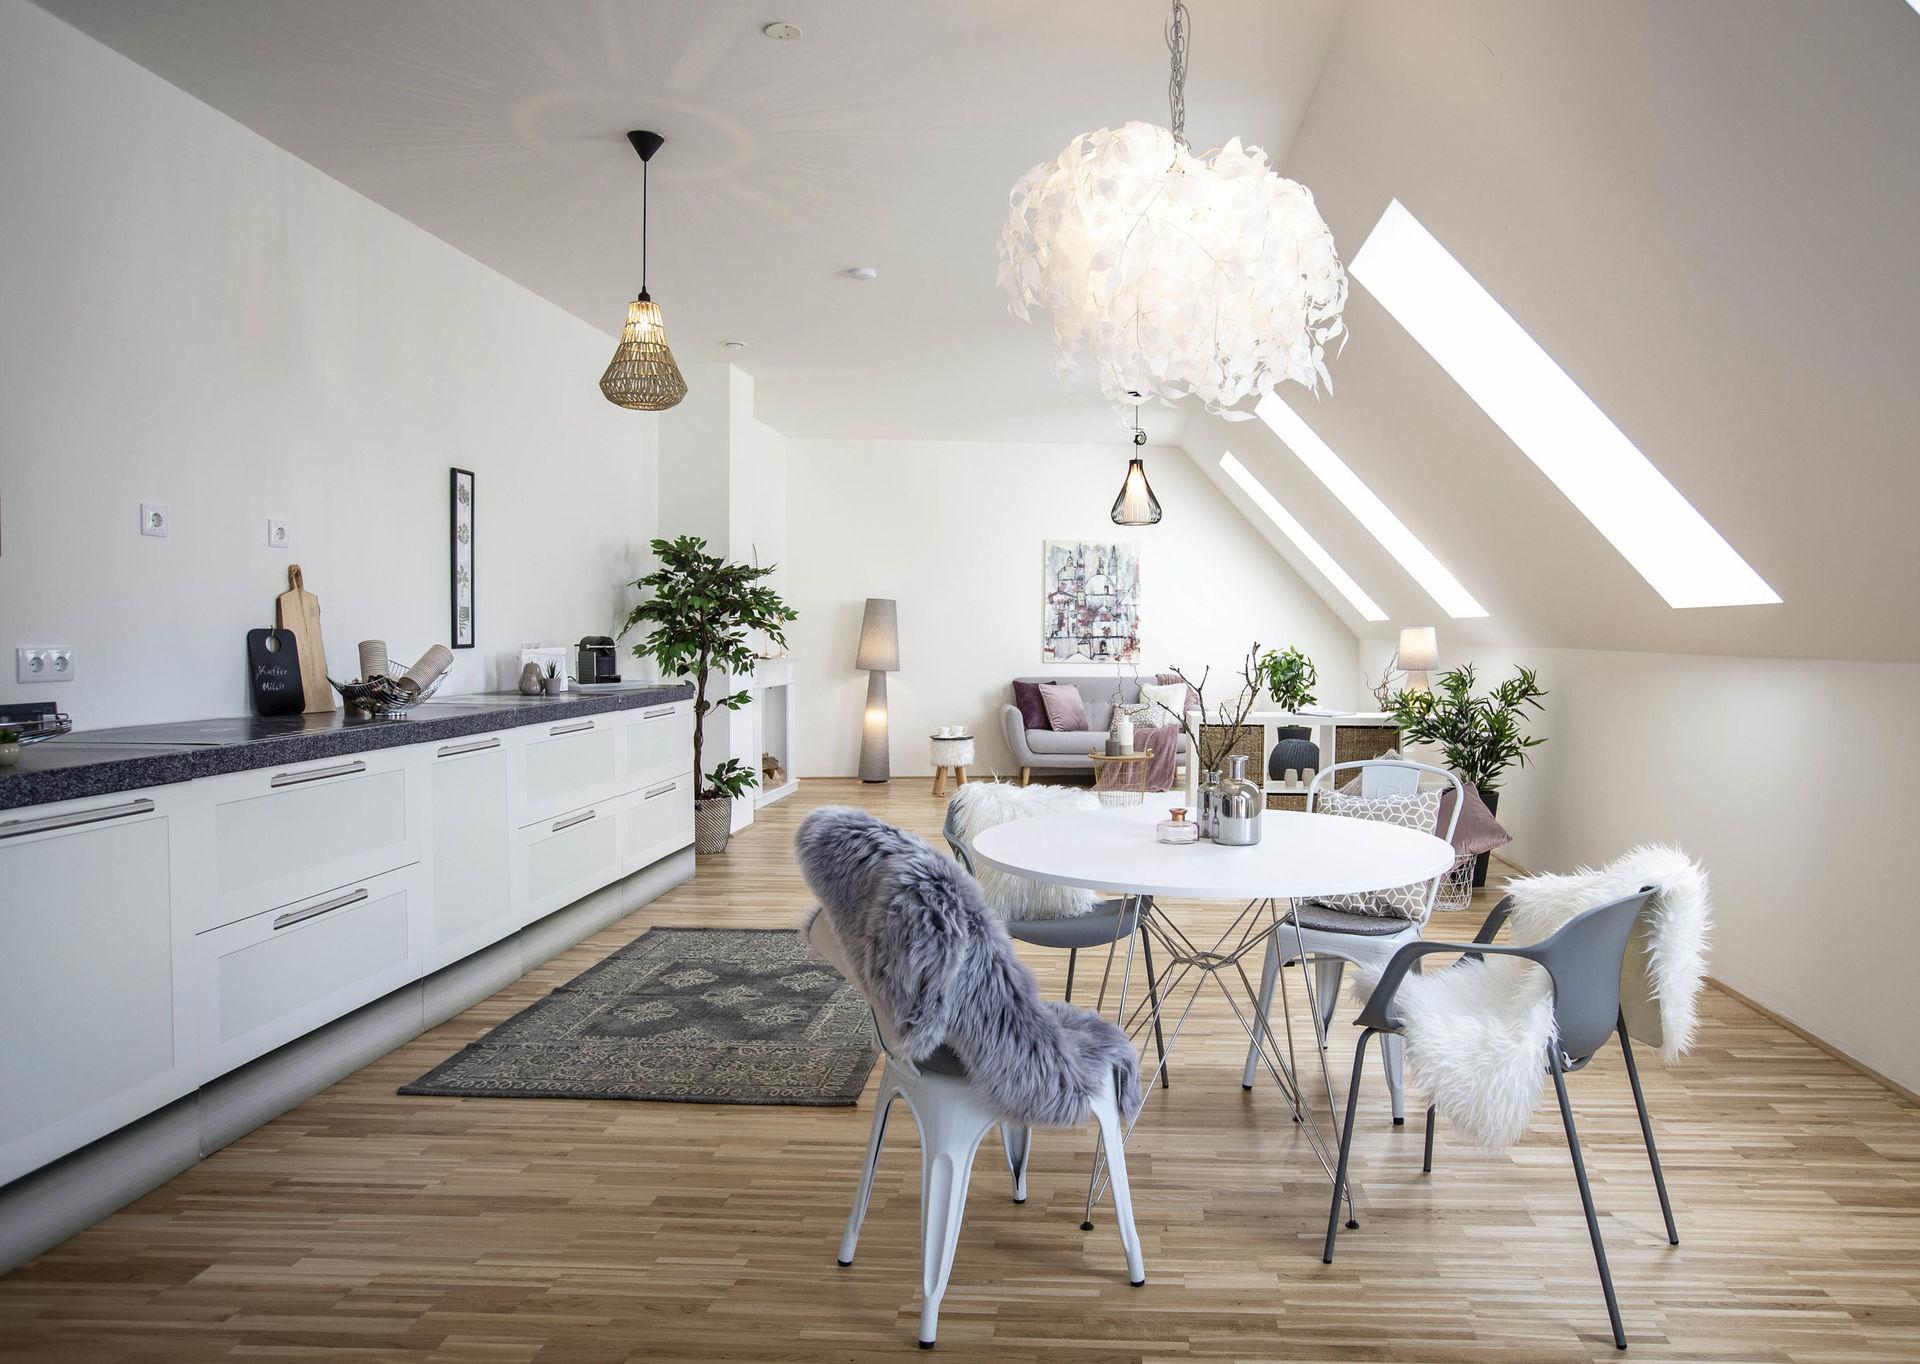 Elisabeth Feike - Homestaging & Redesign - 5202 Neumarkt am Wallersee